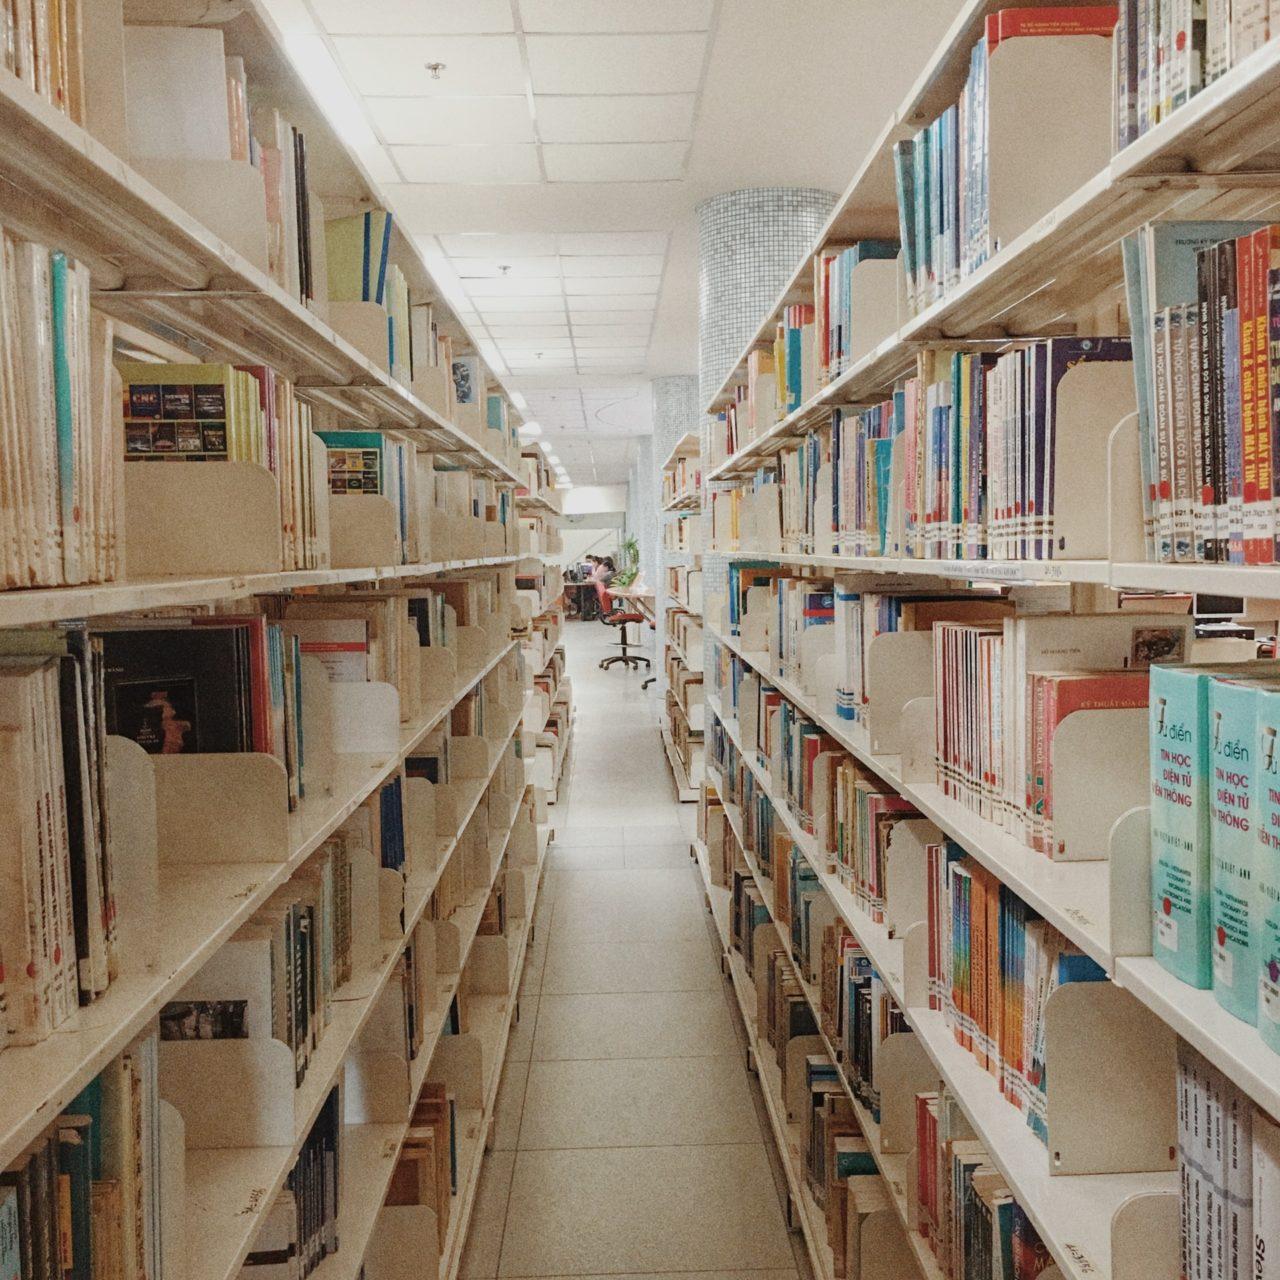 הדברה למוסדות - איך לבחור מדביר מקצועי למוסדות חינוך